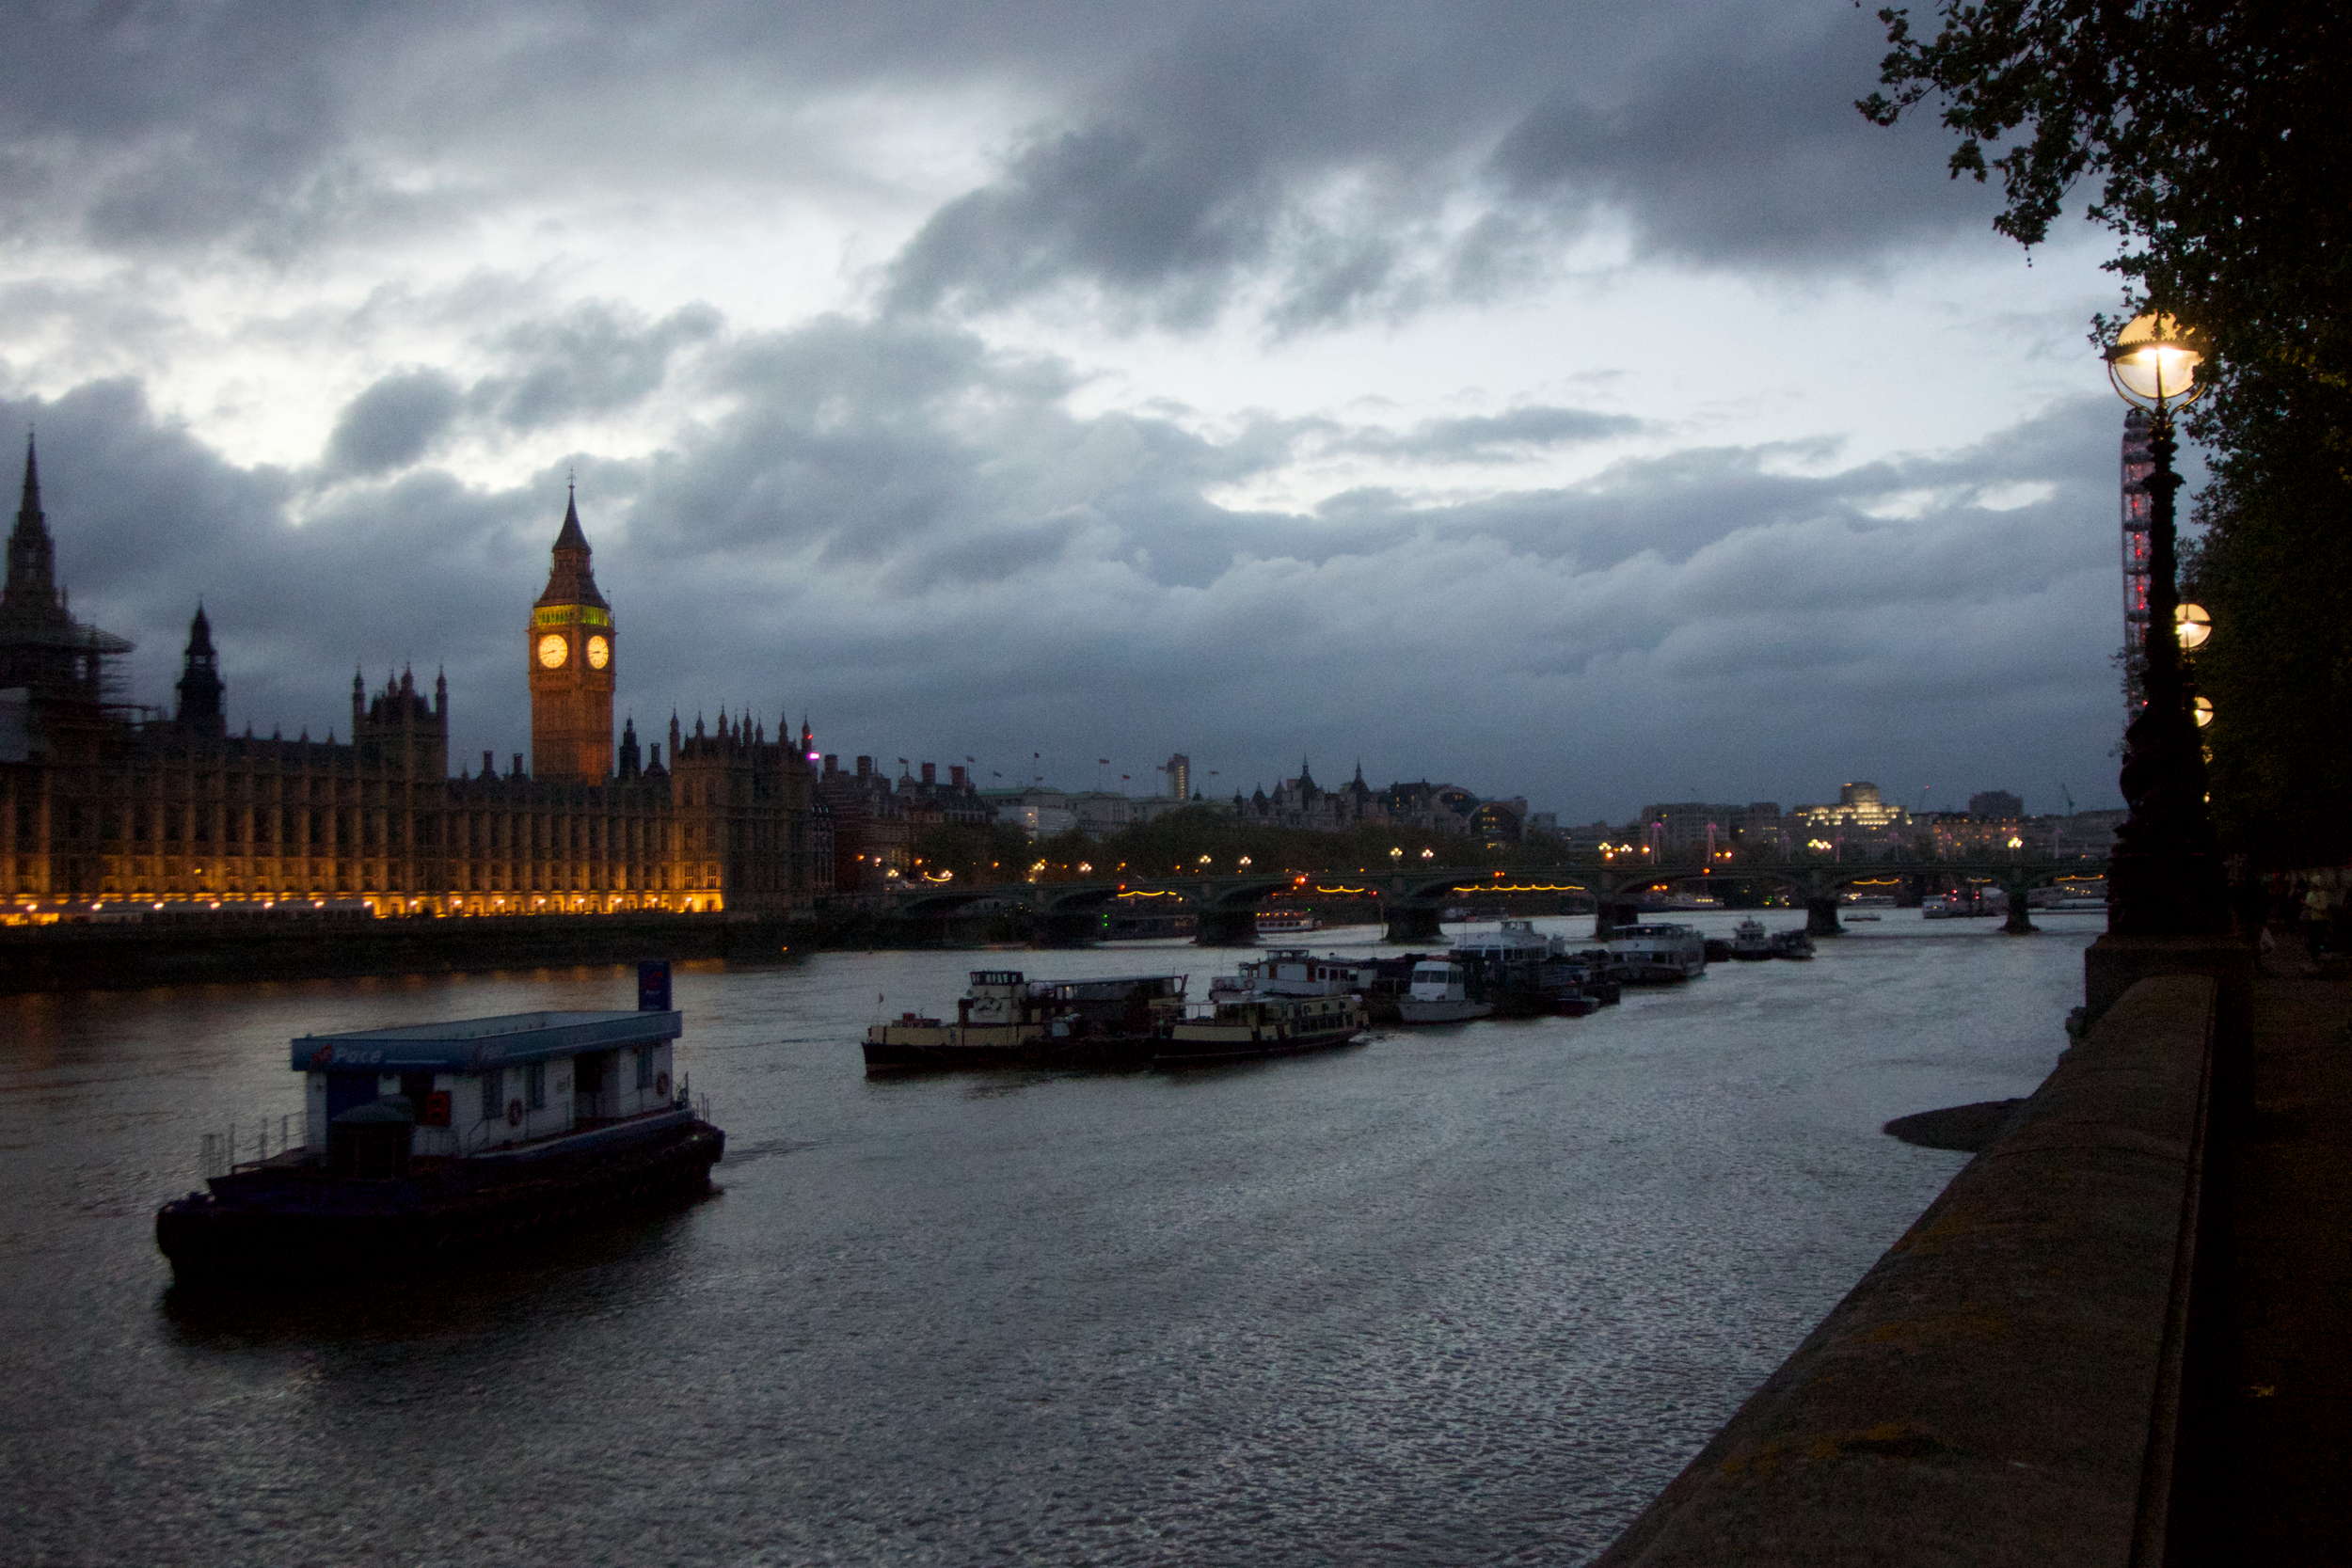 londonscenes2-22.jpg